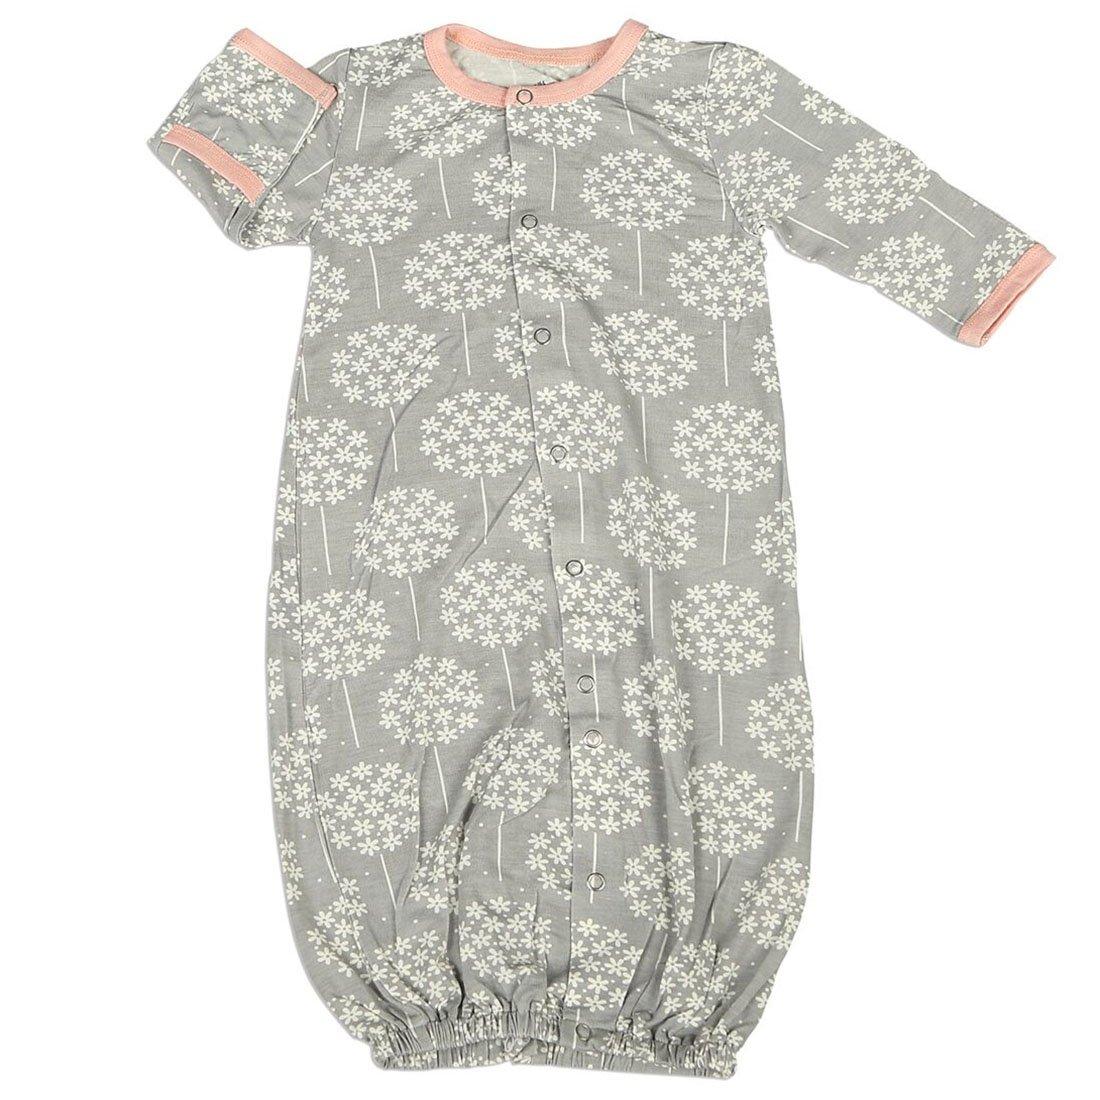 激安ブランド Silkberry Baby SLEEPWEAR ベビーボーイズ 3 Baby SLEEPWEAR - 6 Months タンポポ タンポポ B07FTB6699, タンセラショップ:309eeff3 --- a0267596.xsph.ru